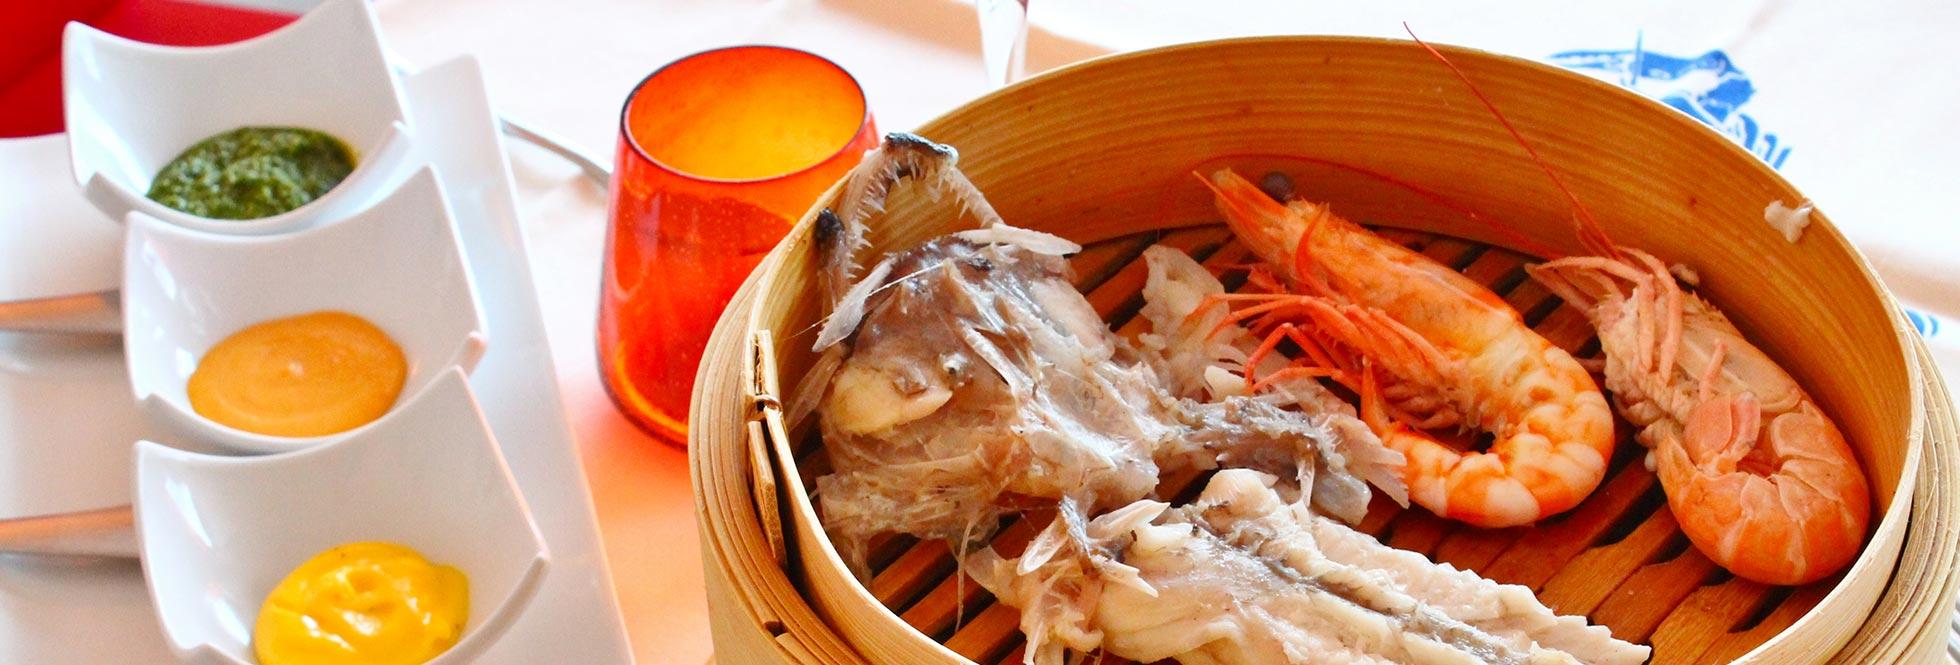 Menu di pesce ristorante Galileo